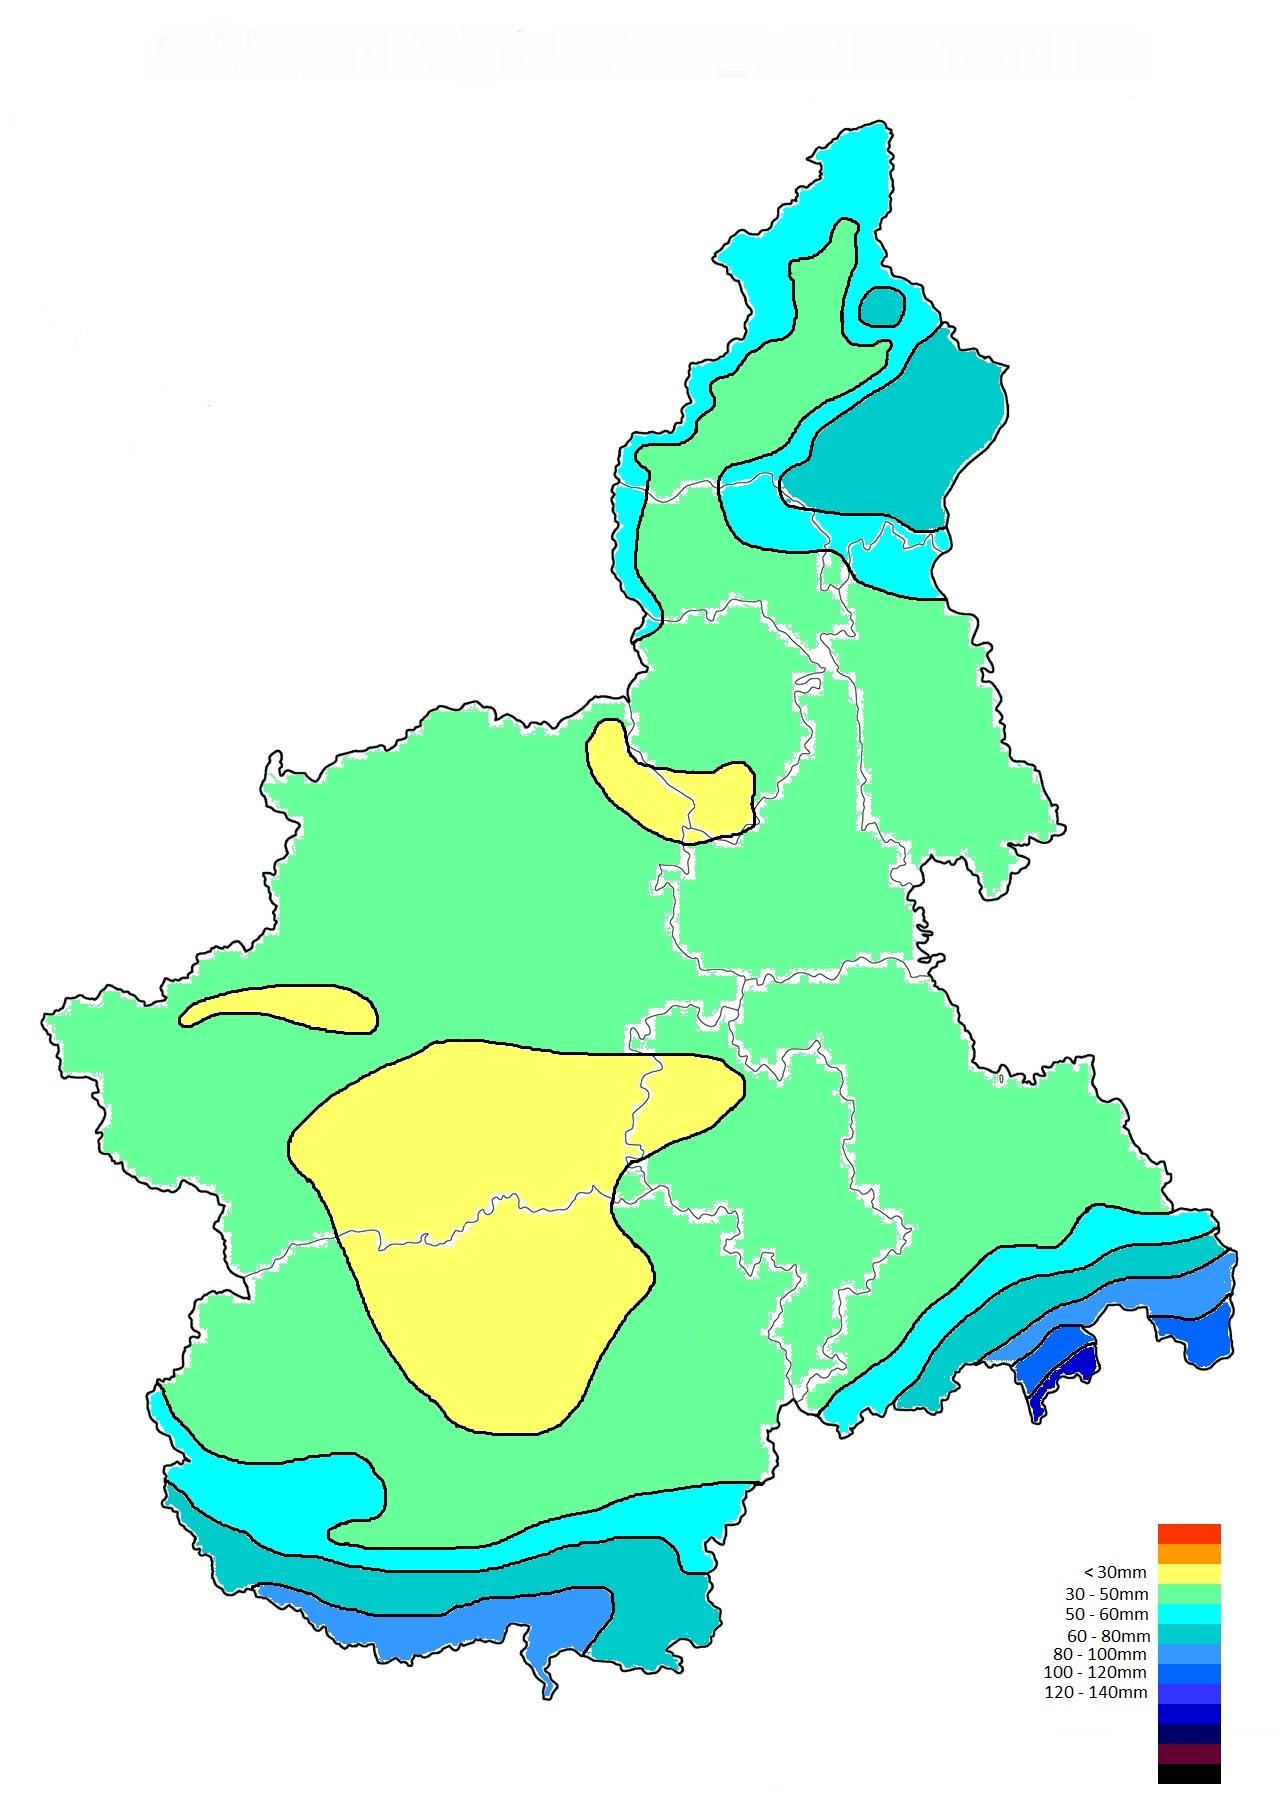 Basso Piemonte 1-10 marzo 2017-muta-gennaio.jpg